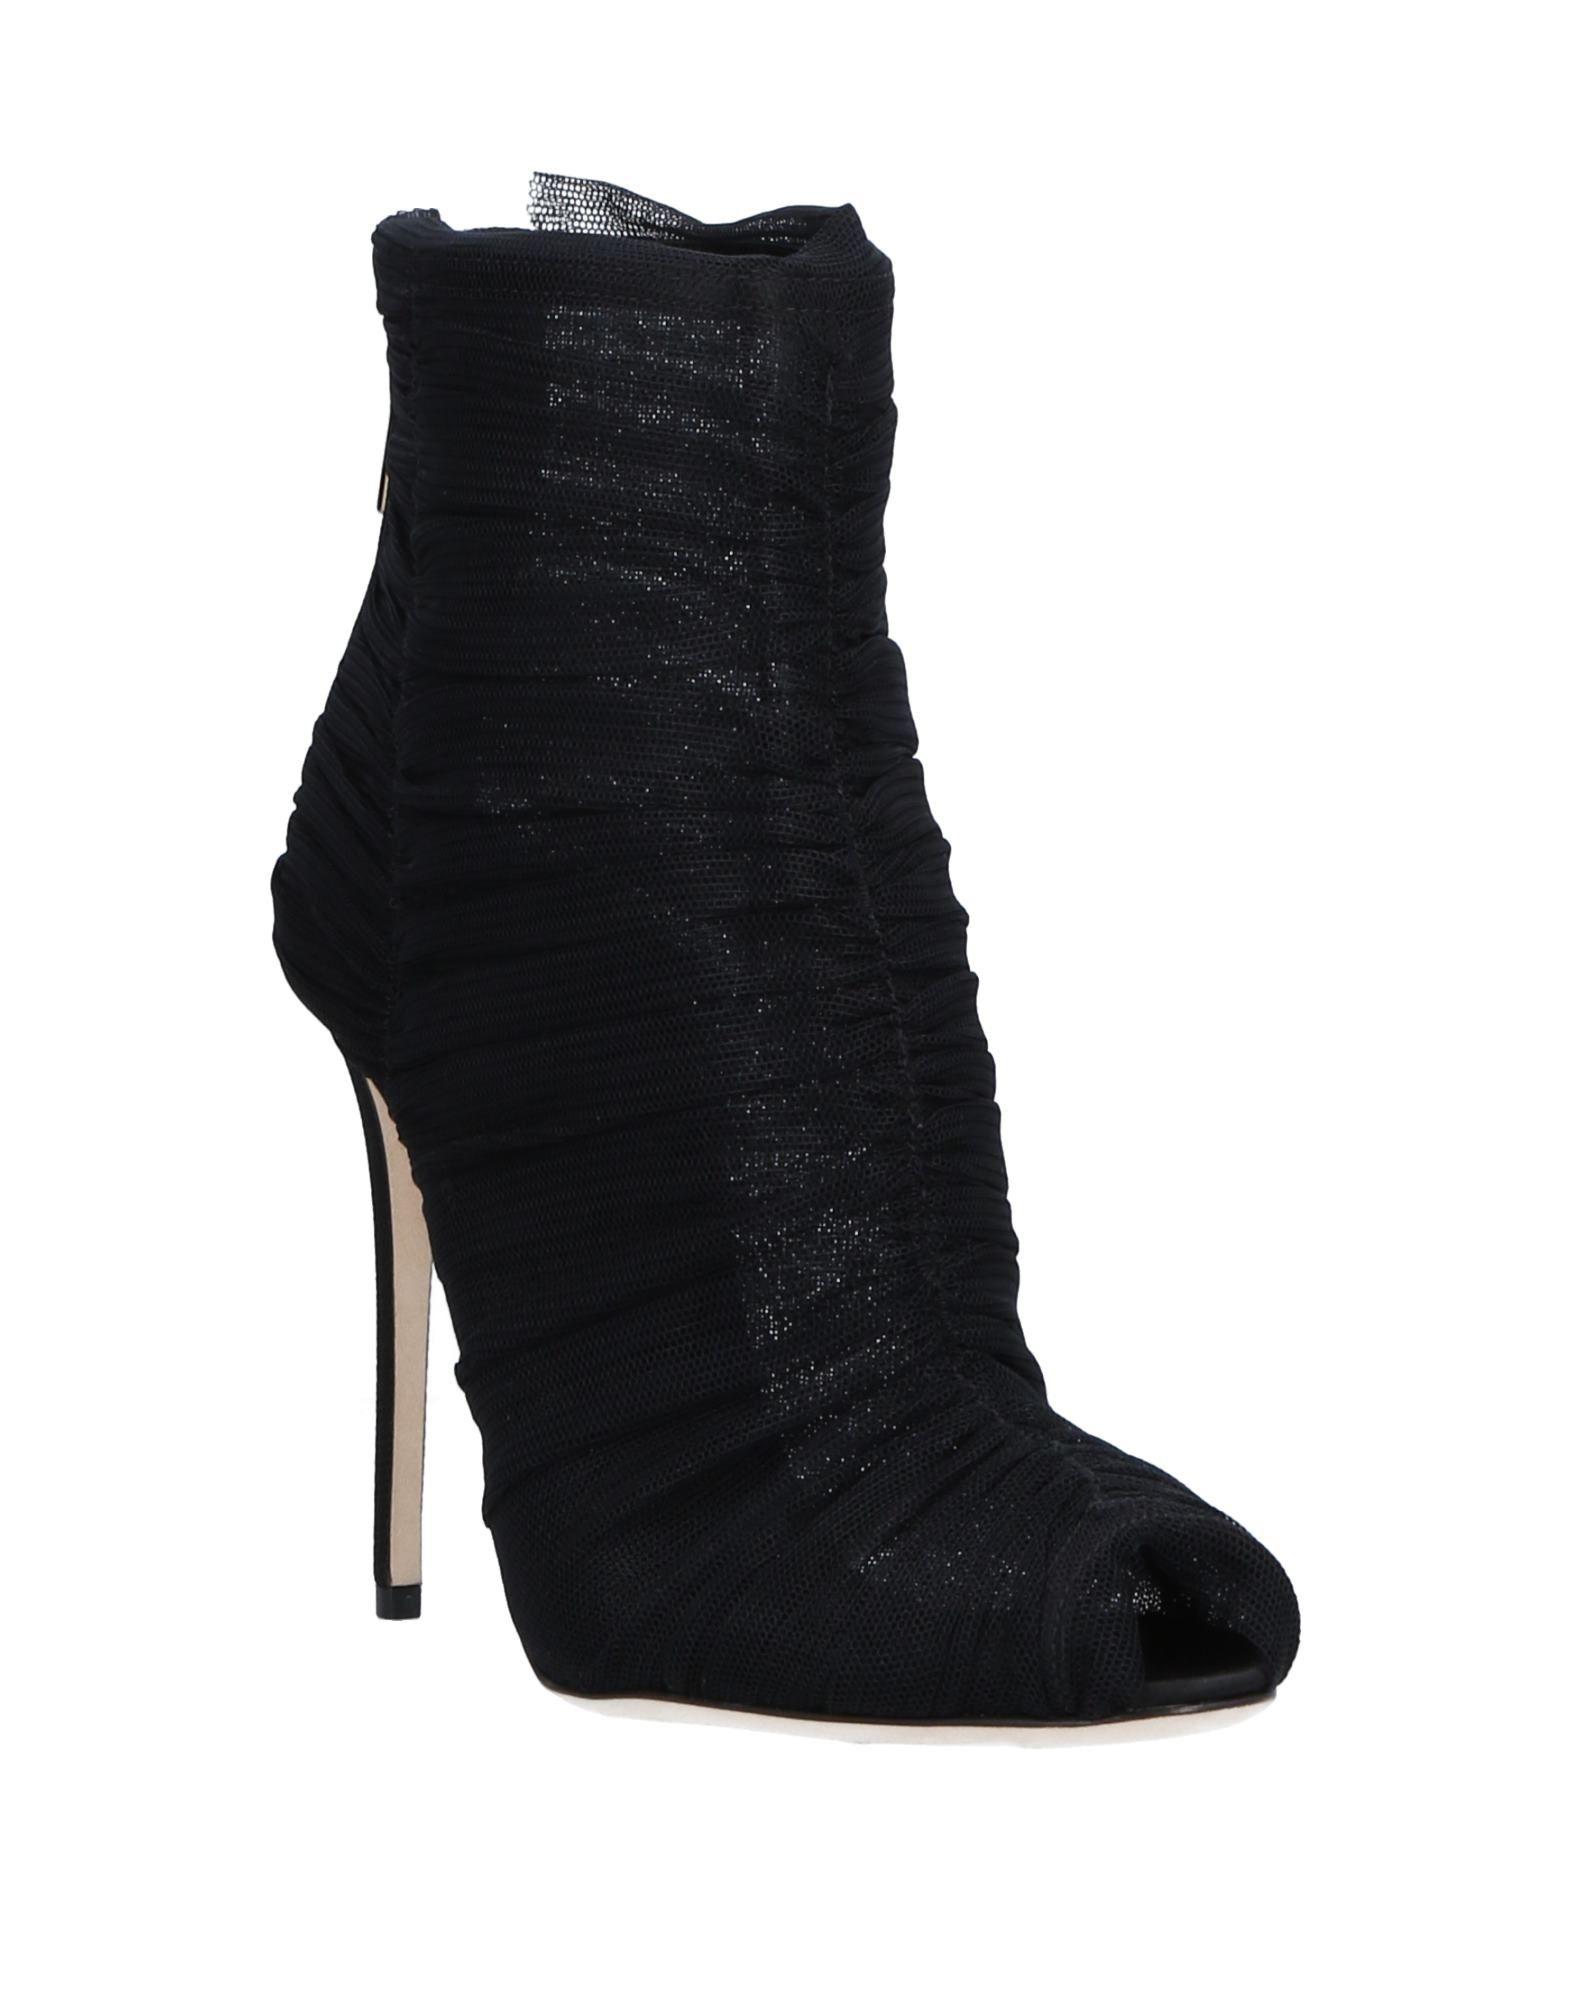 Dolce & Gabbana gut Stiefelette Damen  11537380OXGünstige gut Gabbana aussehende Schuhe 4f75e6